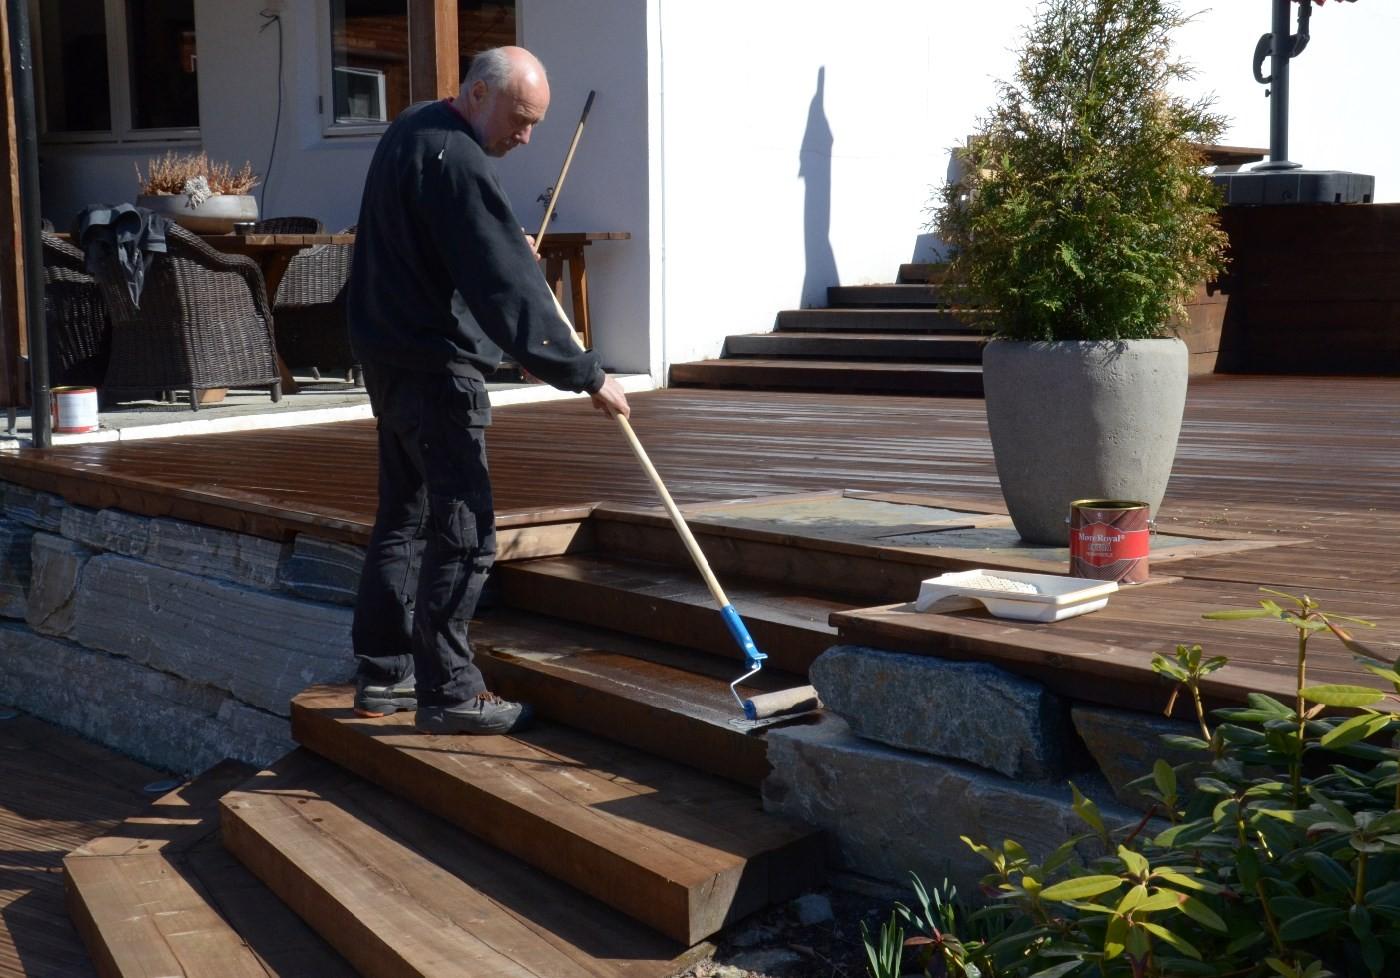 Magne Søyset bruka rull for å påføre olje på terrassen.   Foto: Jon Olav Ørsal